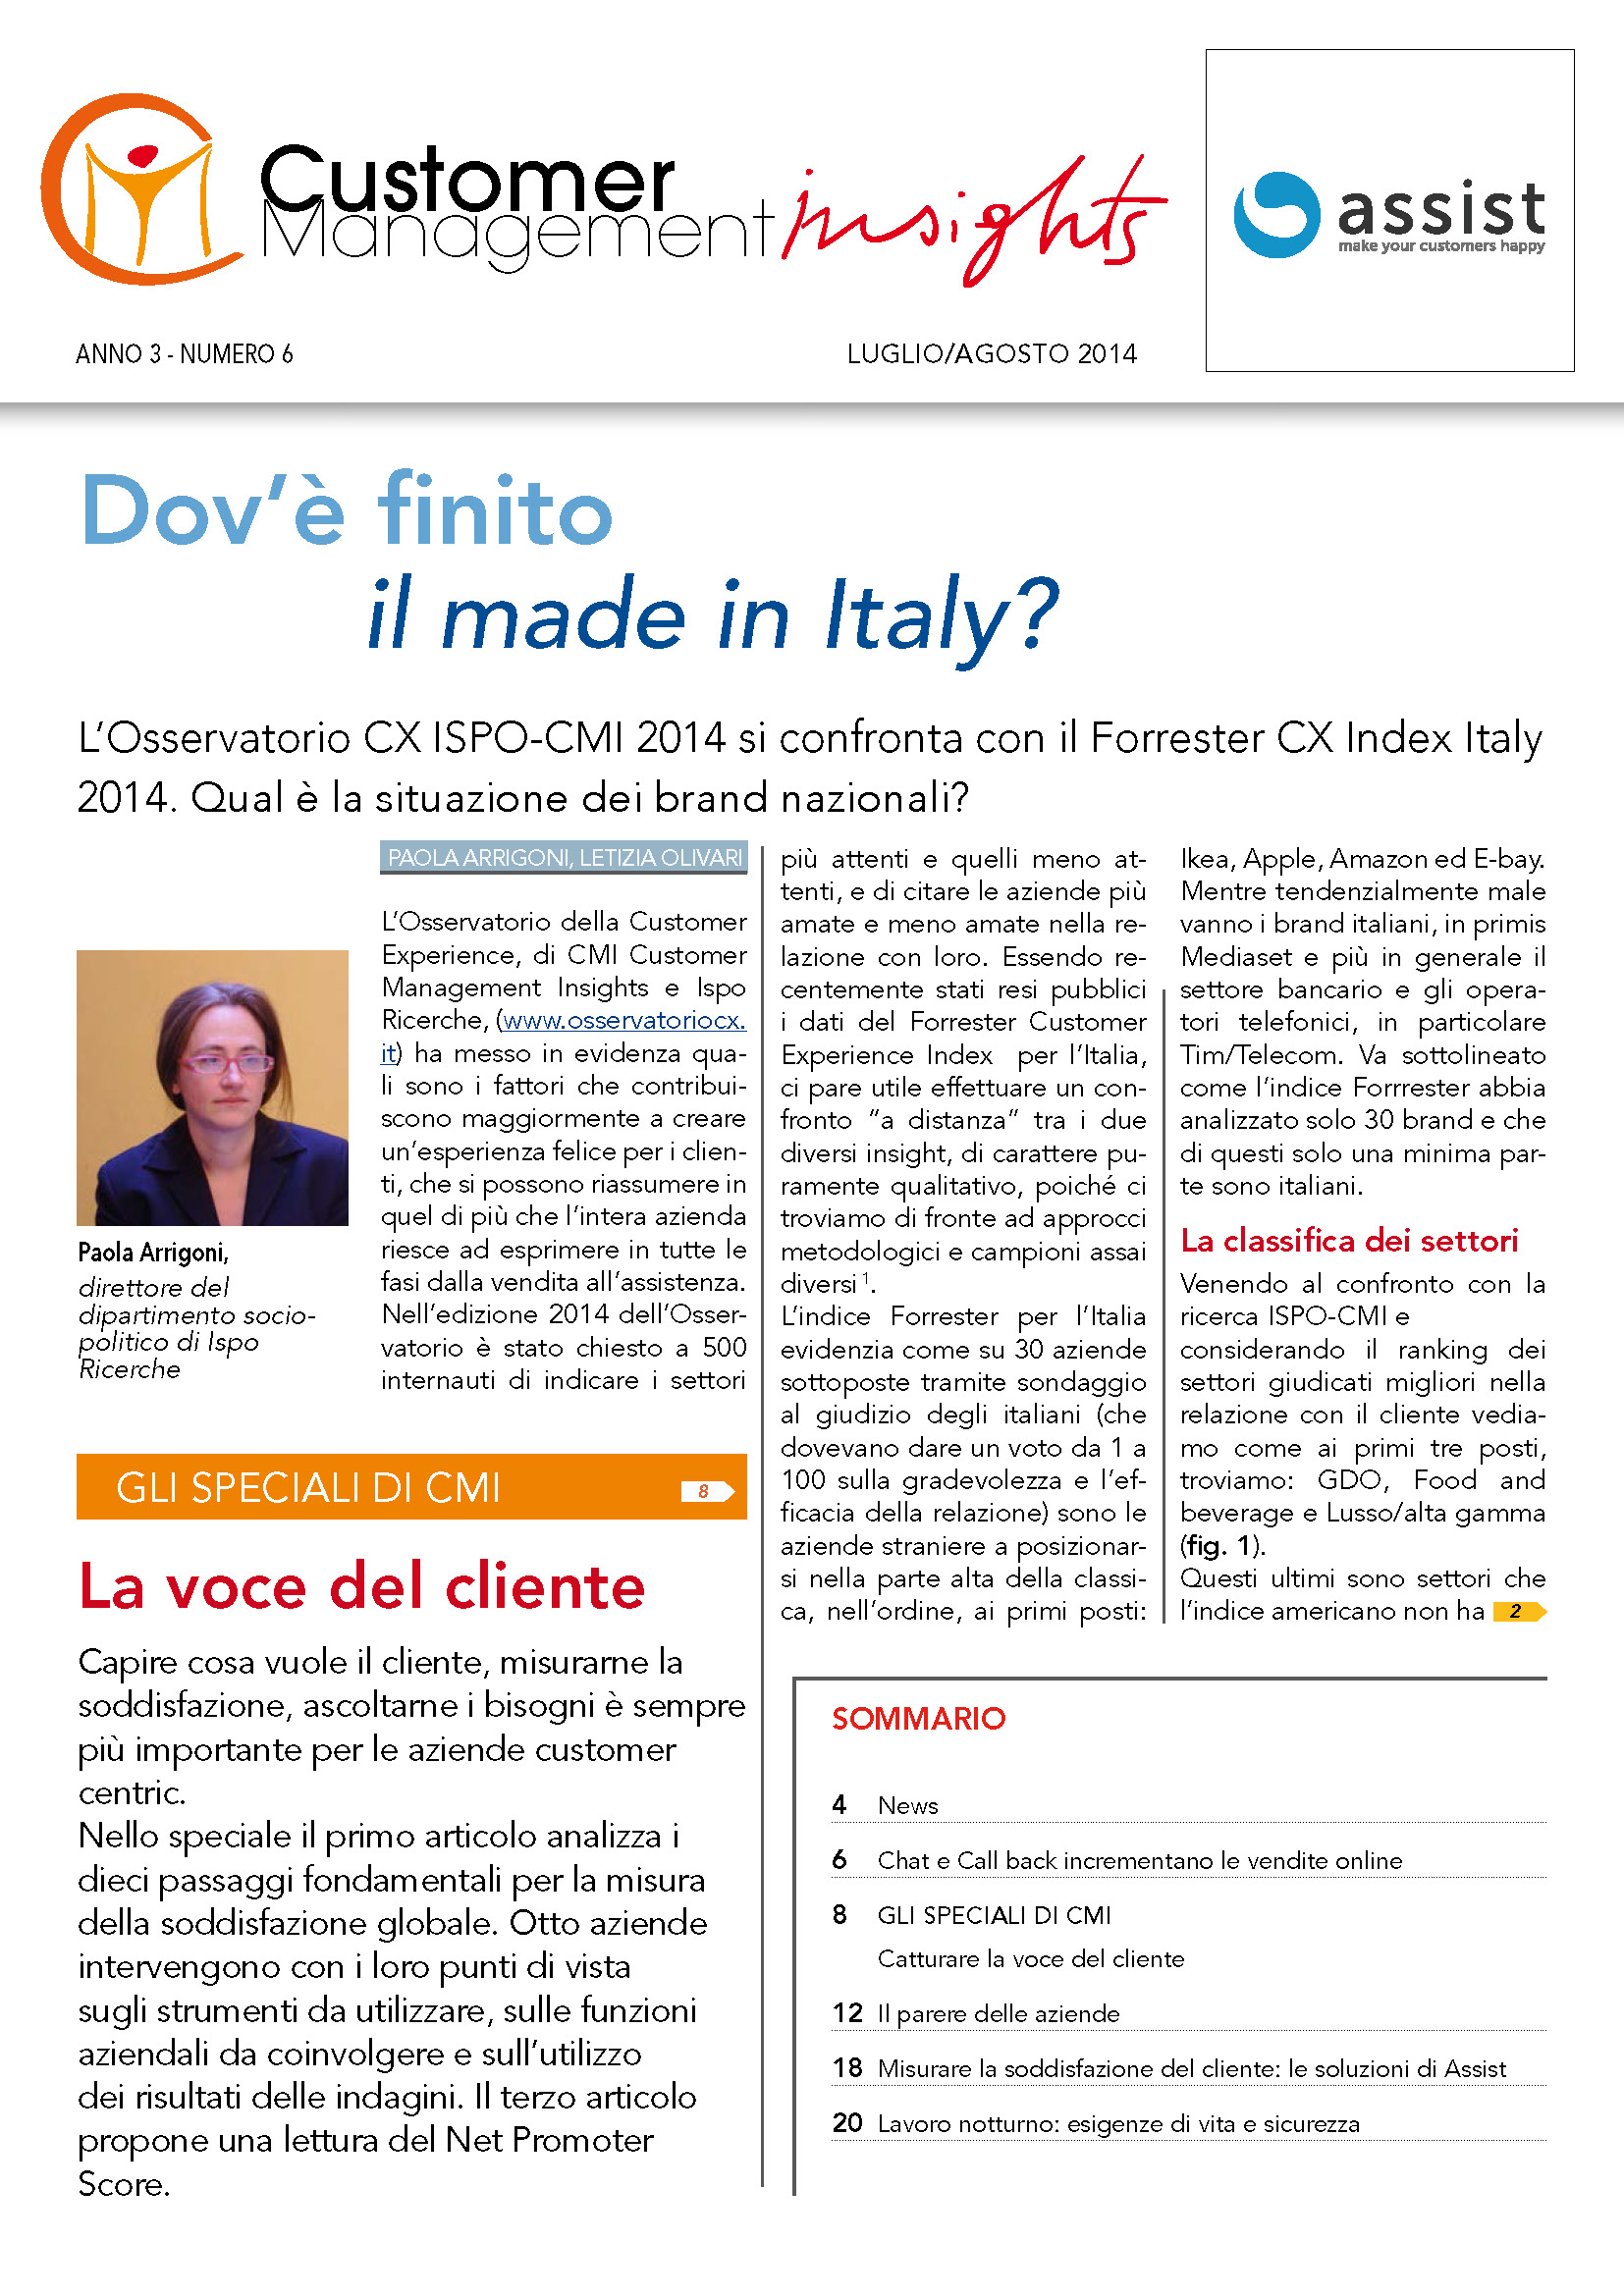 Luglio 2014 – La voce del cliente